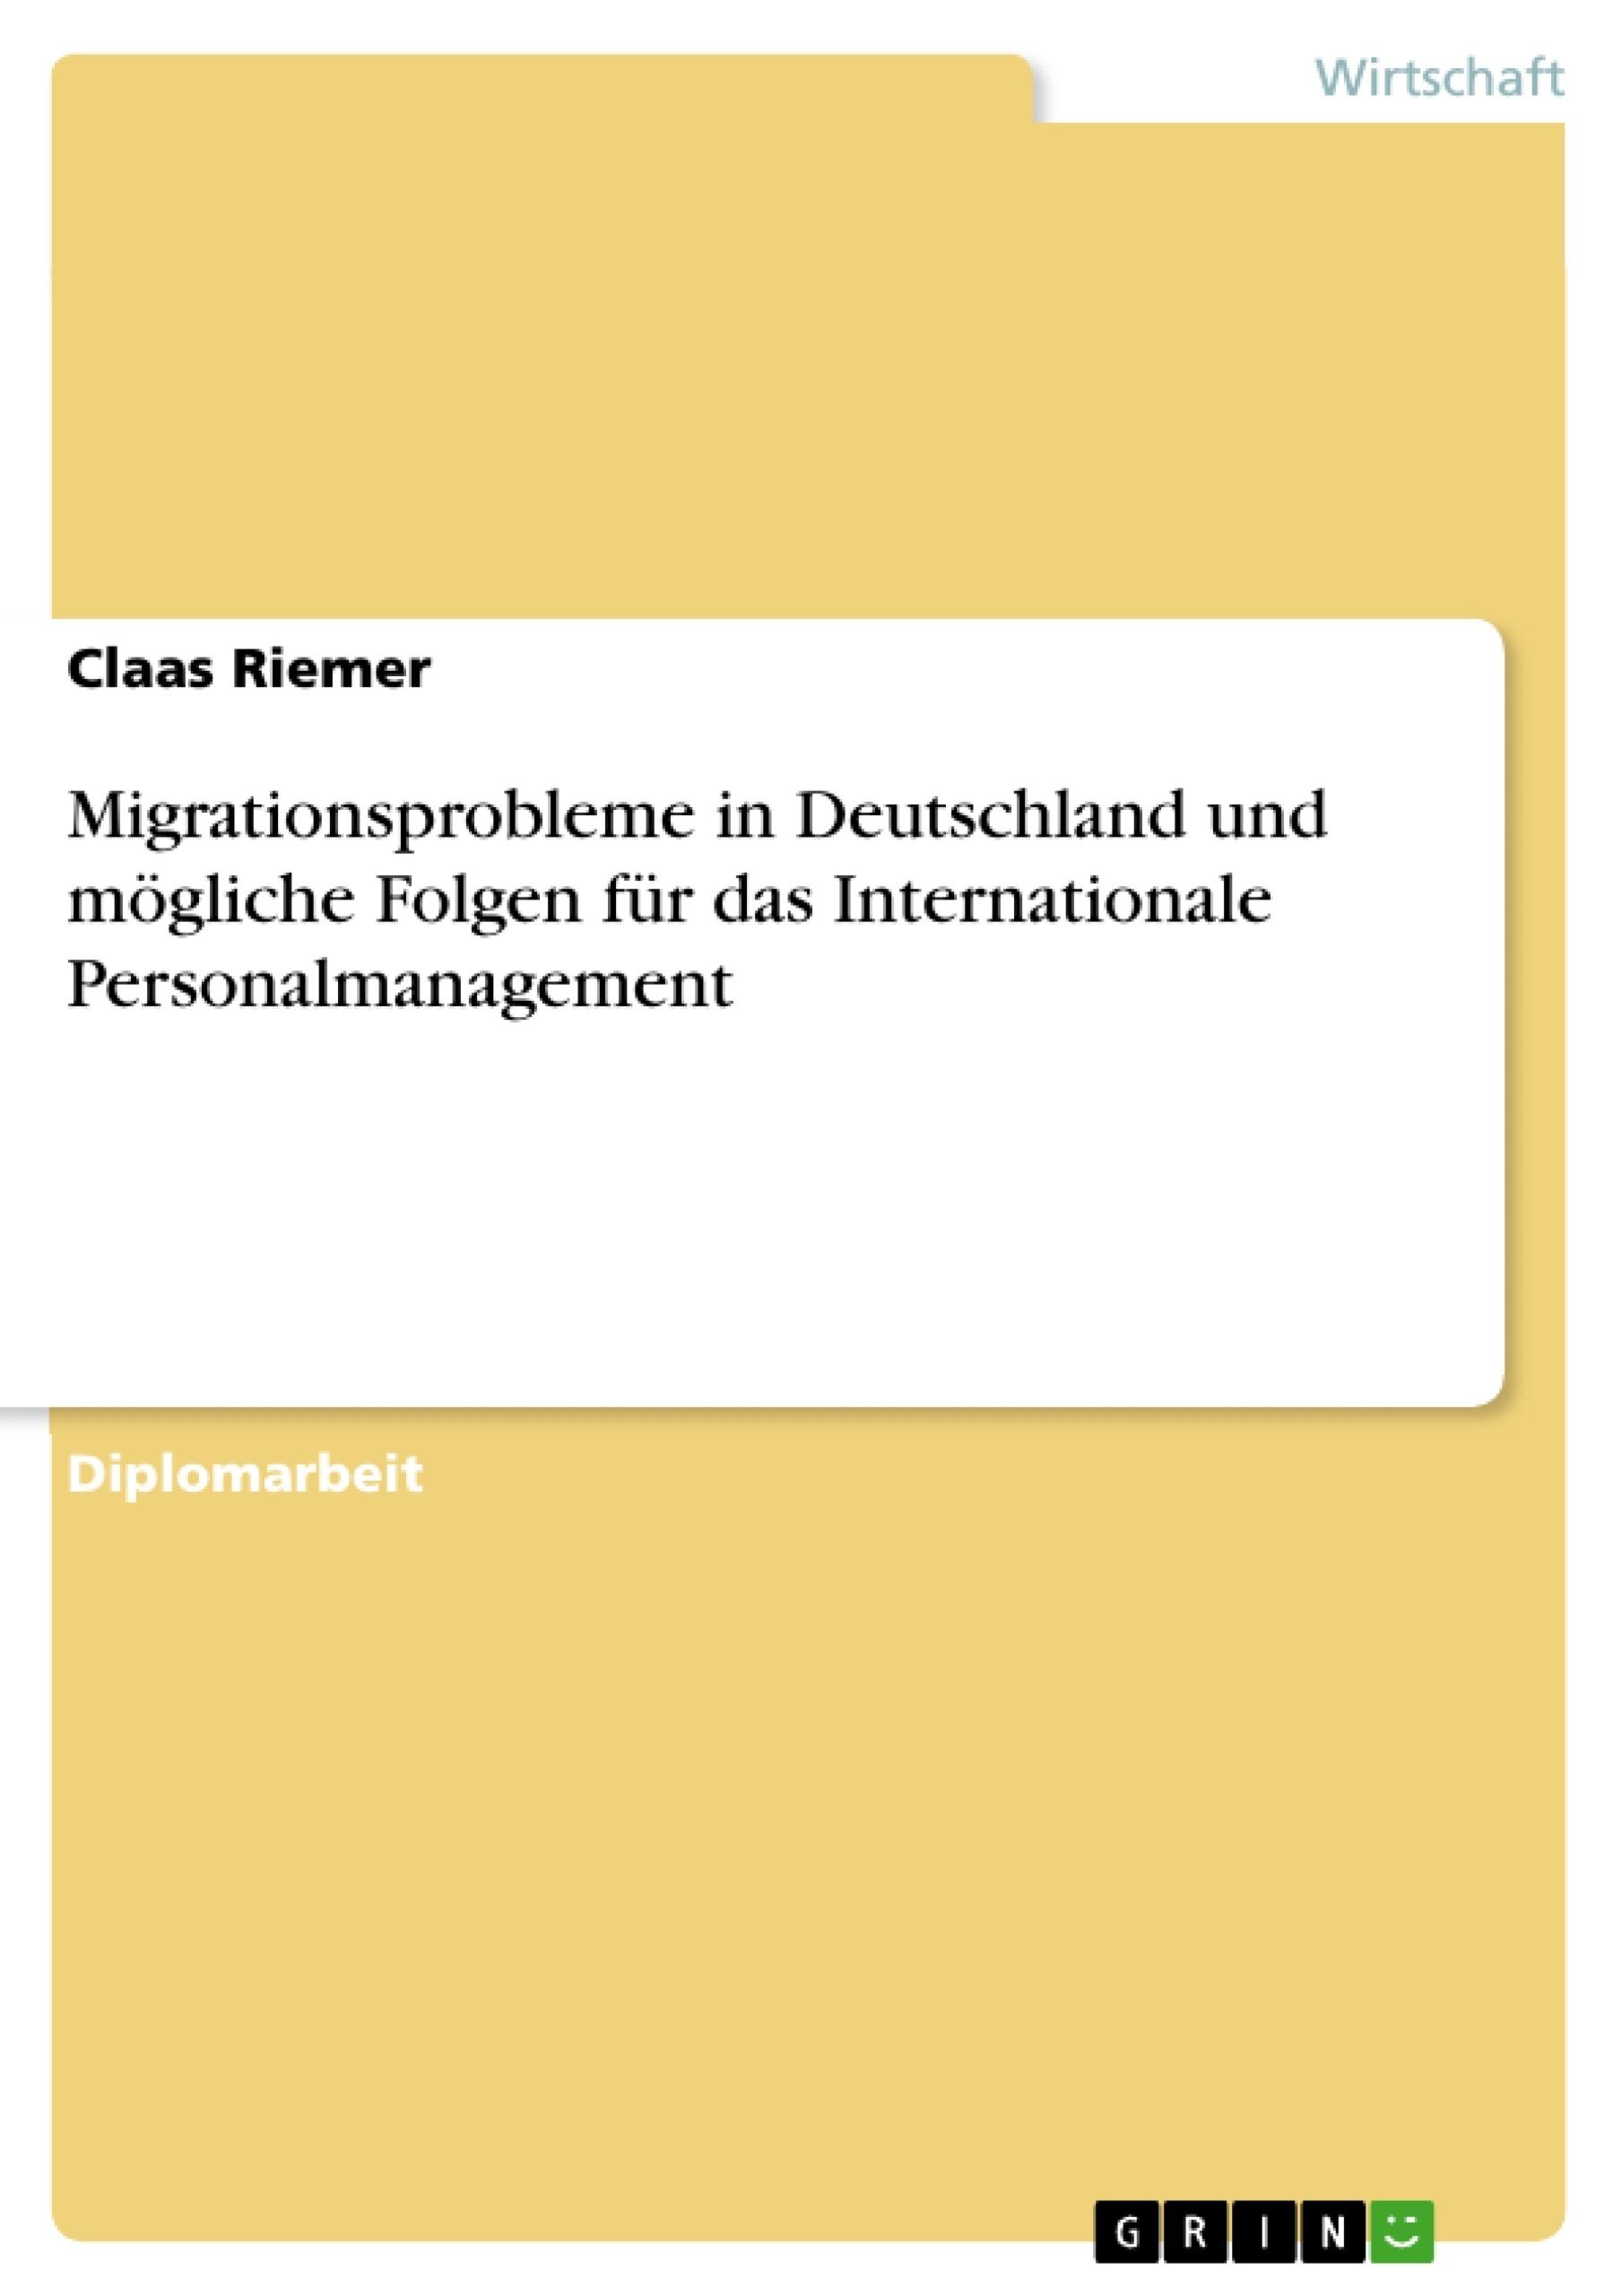 Titel: Migrationsprobleme in Deutschland und mögliche Folgen für das Internationale Personalmanagement